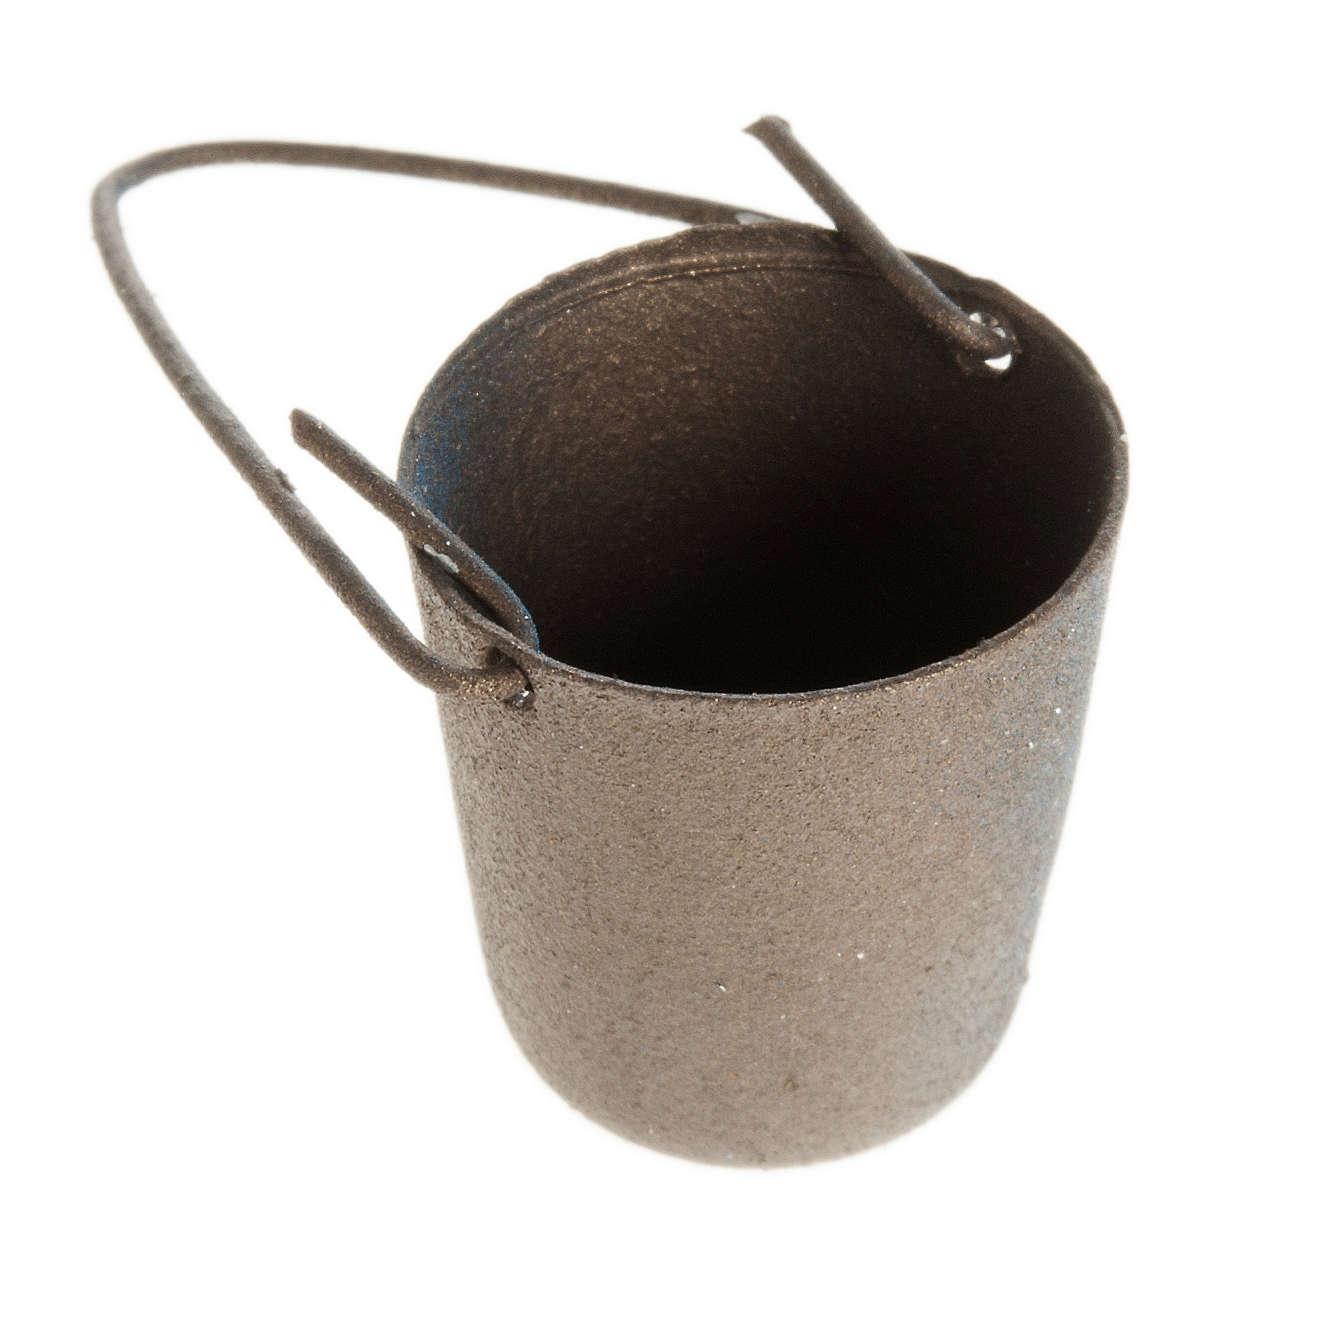 Secchio in metallo con manico presepe fai da te 4